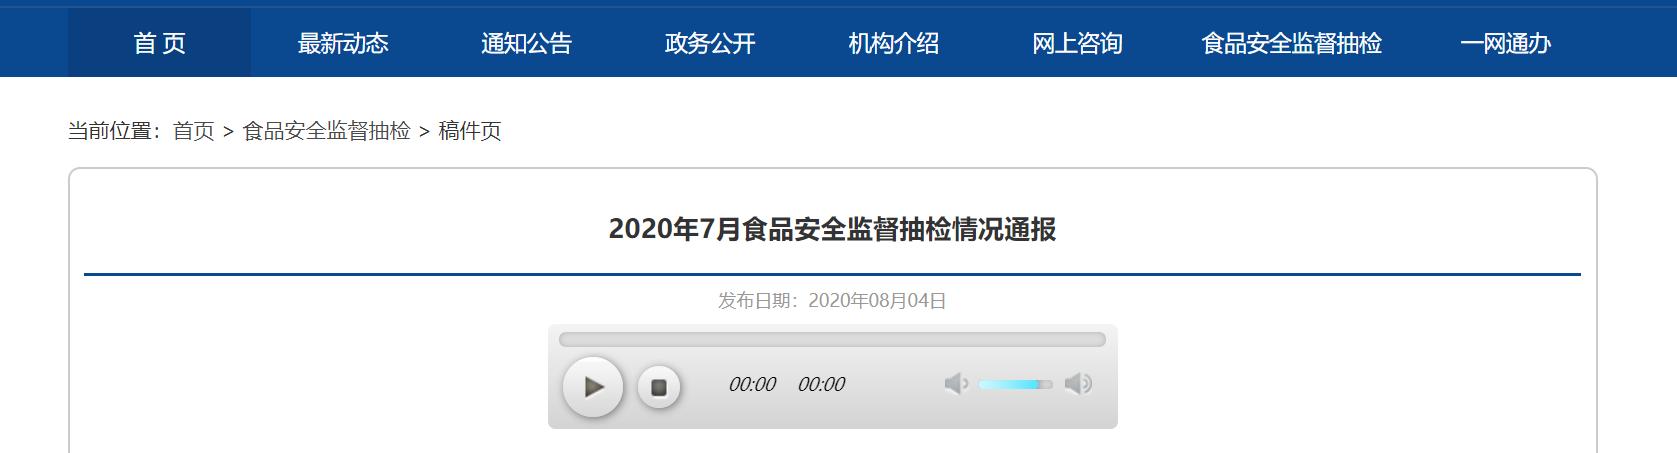 http://www.chnbk.com/shishangchaoliu/14957.html